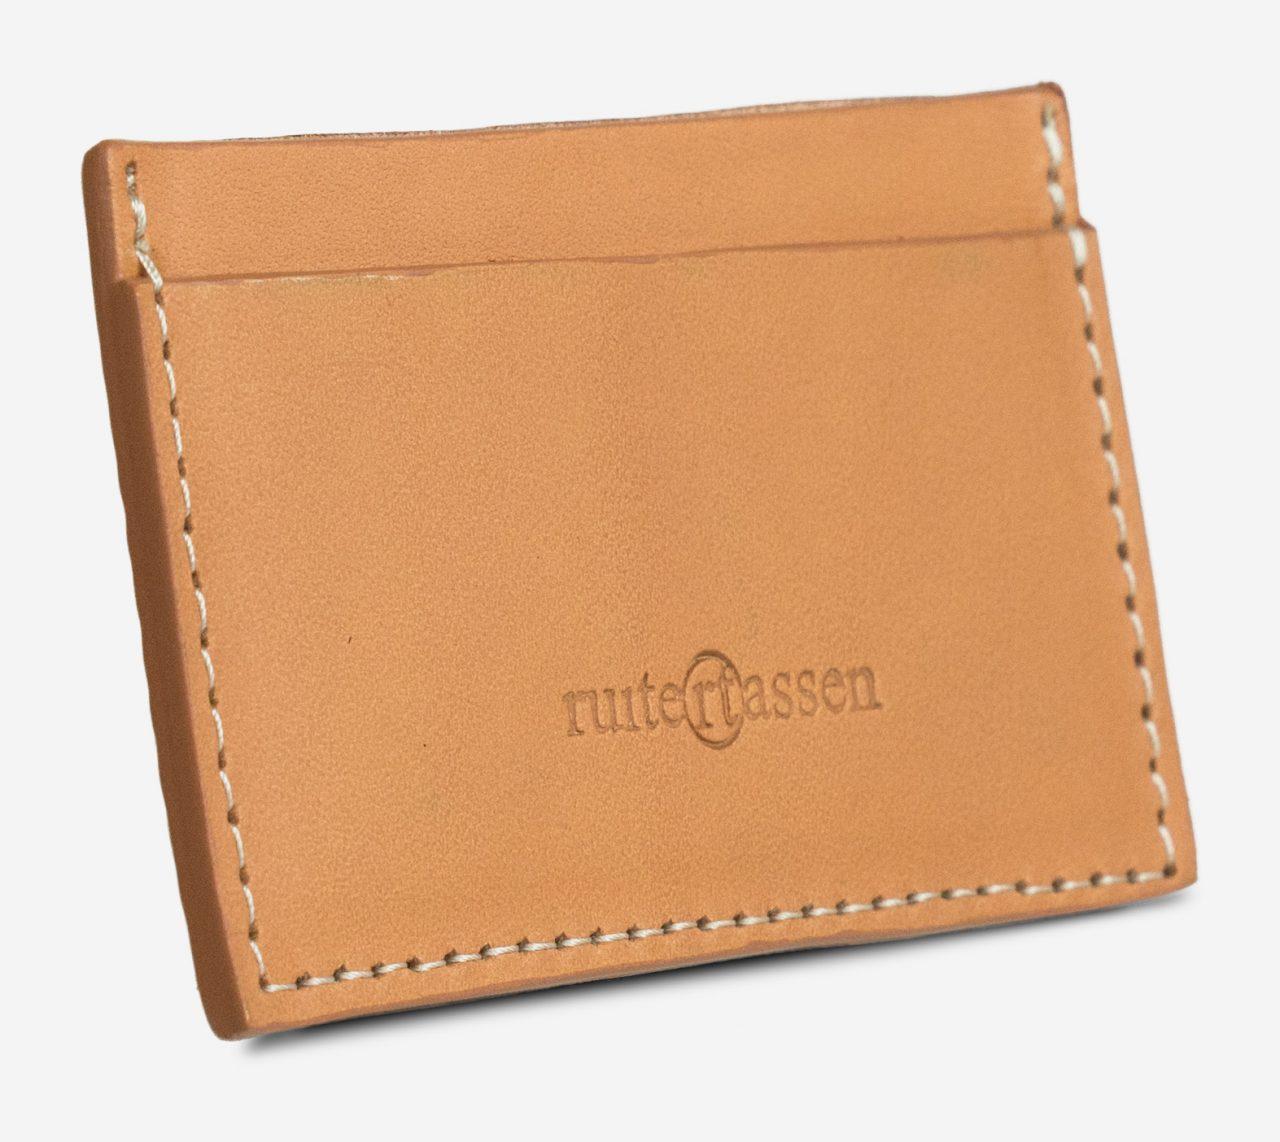 Porte-cartes cuir naturel de côté.